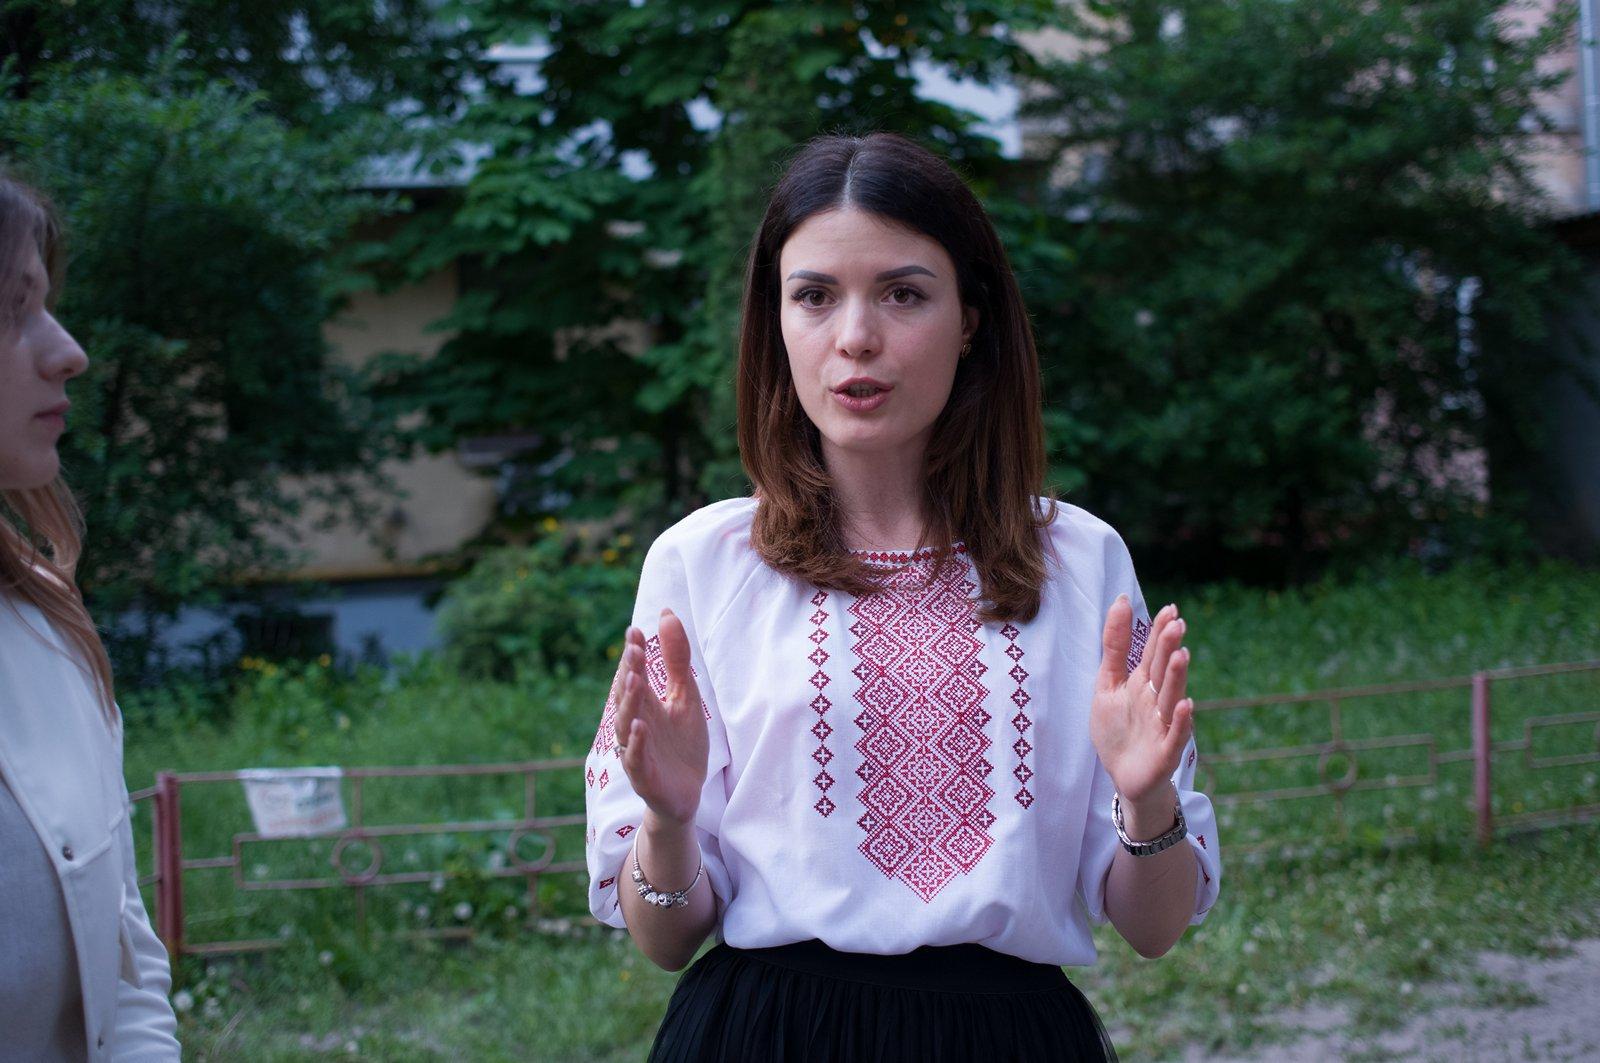 Анна Колпачова: Наш проект – перший приклад лобізму в країні, Громади майбутнього